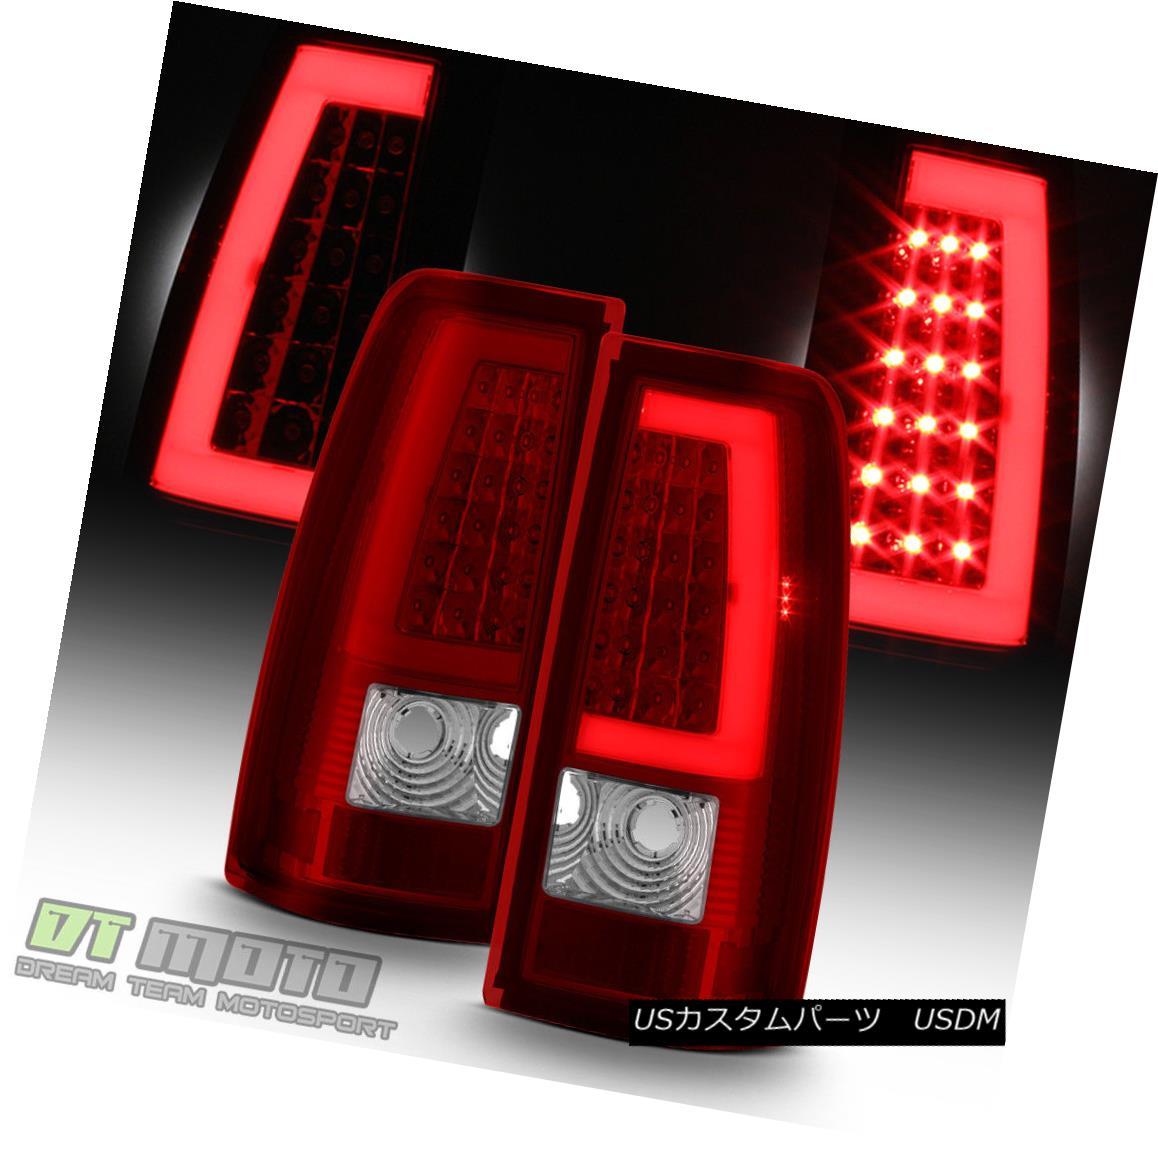 テールライト 1999-2006 GMC Sierra 1500 99-02 Chevy Siverado Red LED Tube Tail Lights Lamps 1999-2006 GMC Sierra 1500 99-02シボレーシルバラードレッドLEDチューブテールライトランプ